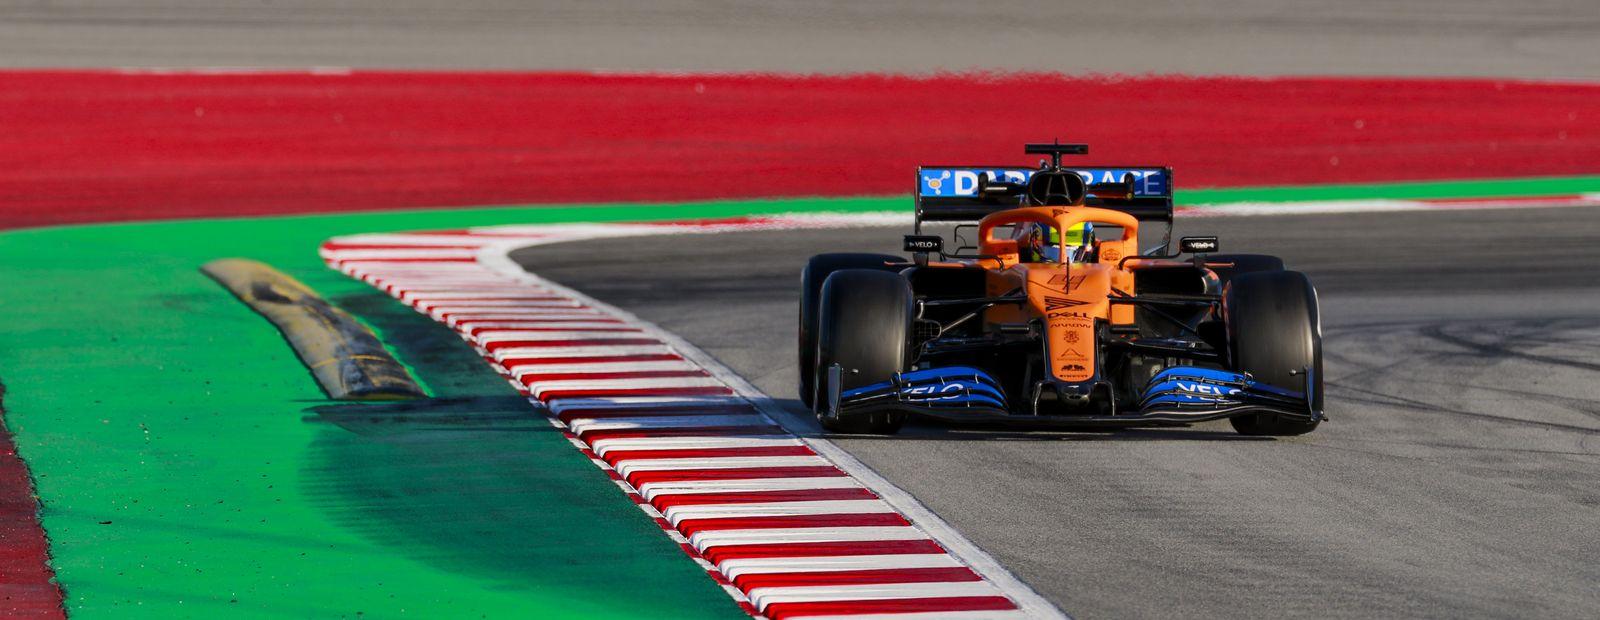 Previa Gran Premio de España 2020